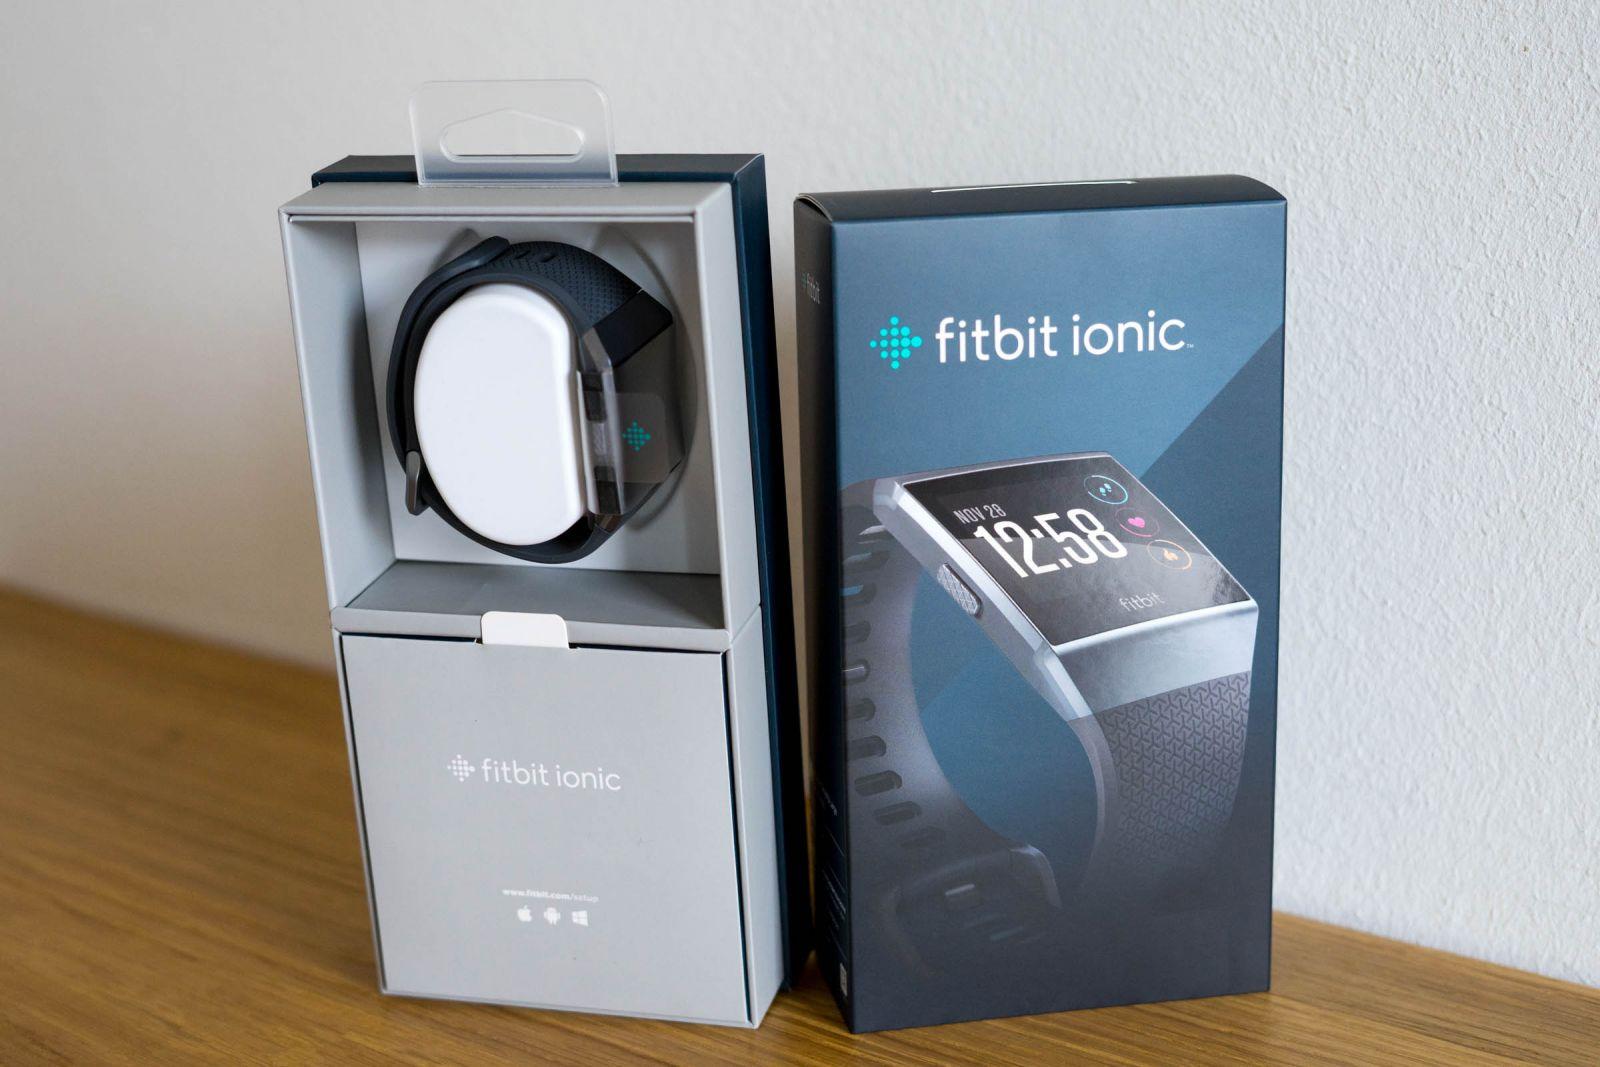 Комплект Fitbit ionic